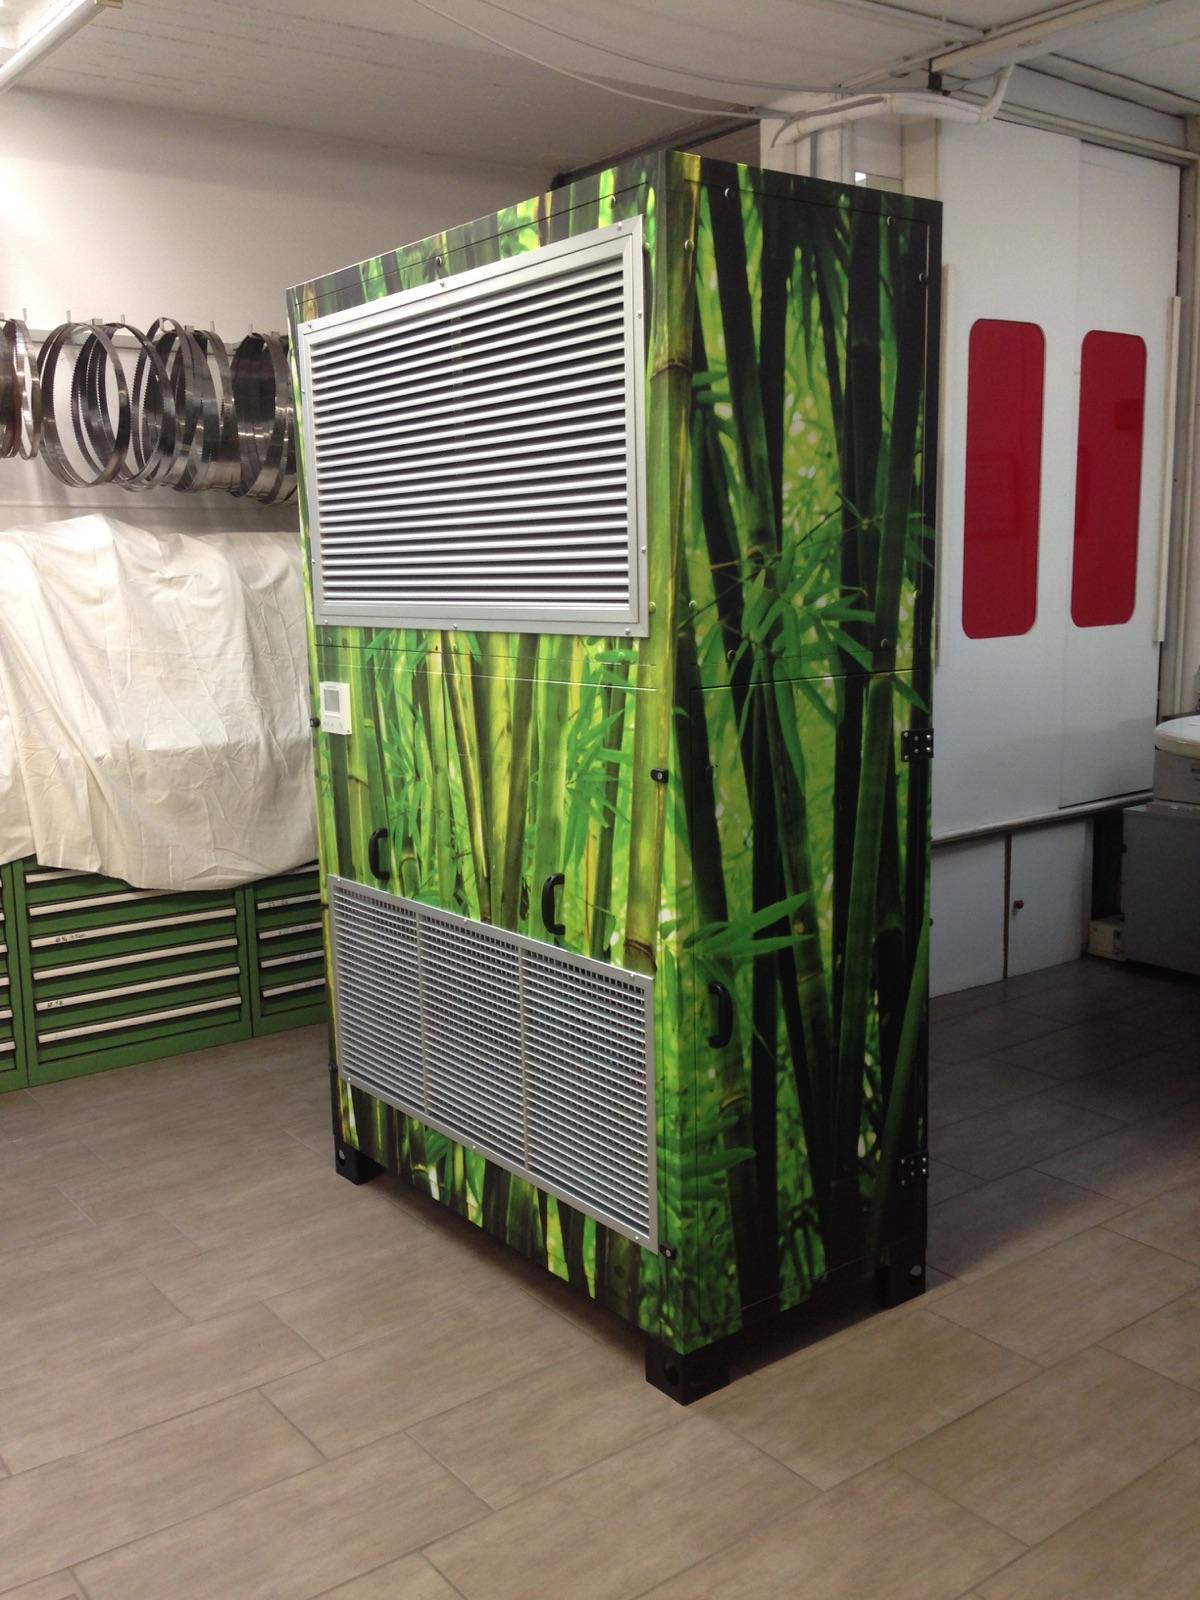 ARIABOX dedicato alla climatizzazione di aziende a stampo commericale ed industriale. L'unica al mondo che: Riscalda- Raffresca - deumidifica - Depura l'aria - Deodora gli ambienti